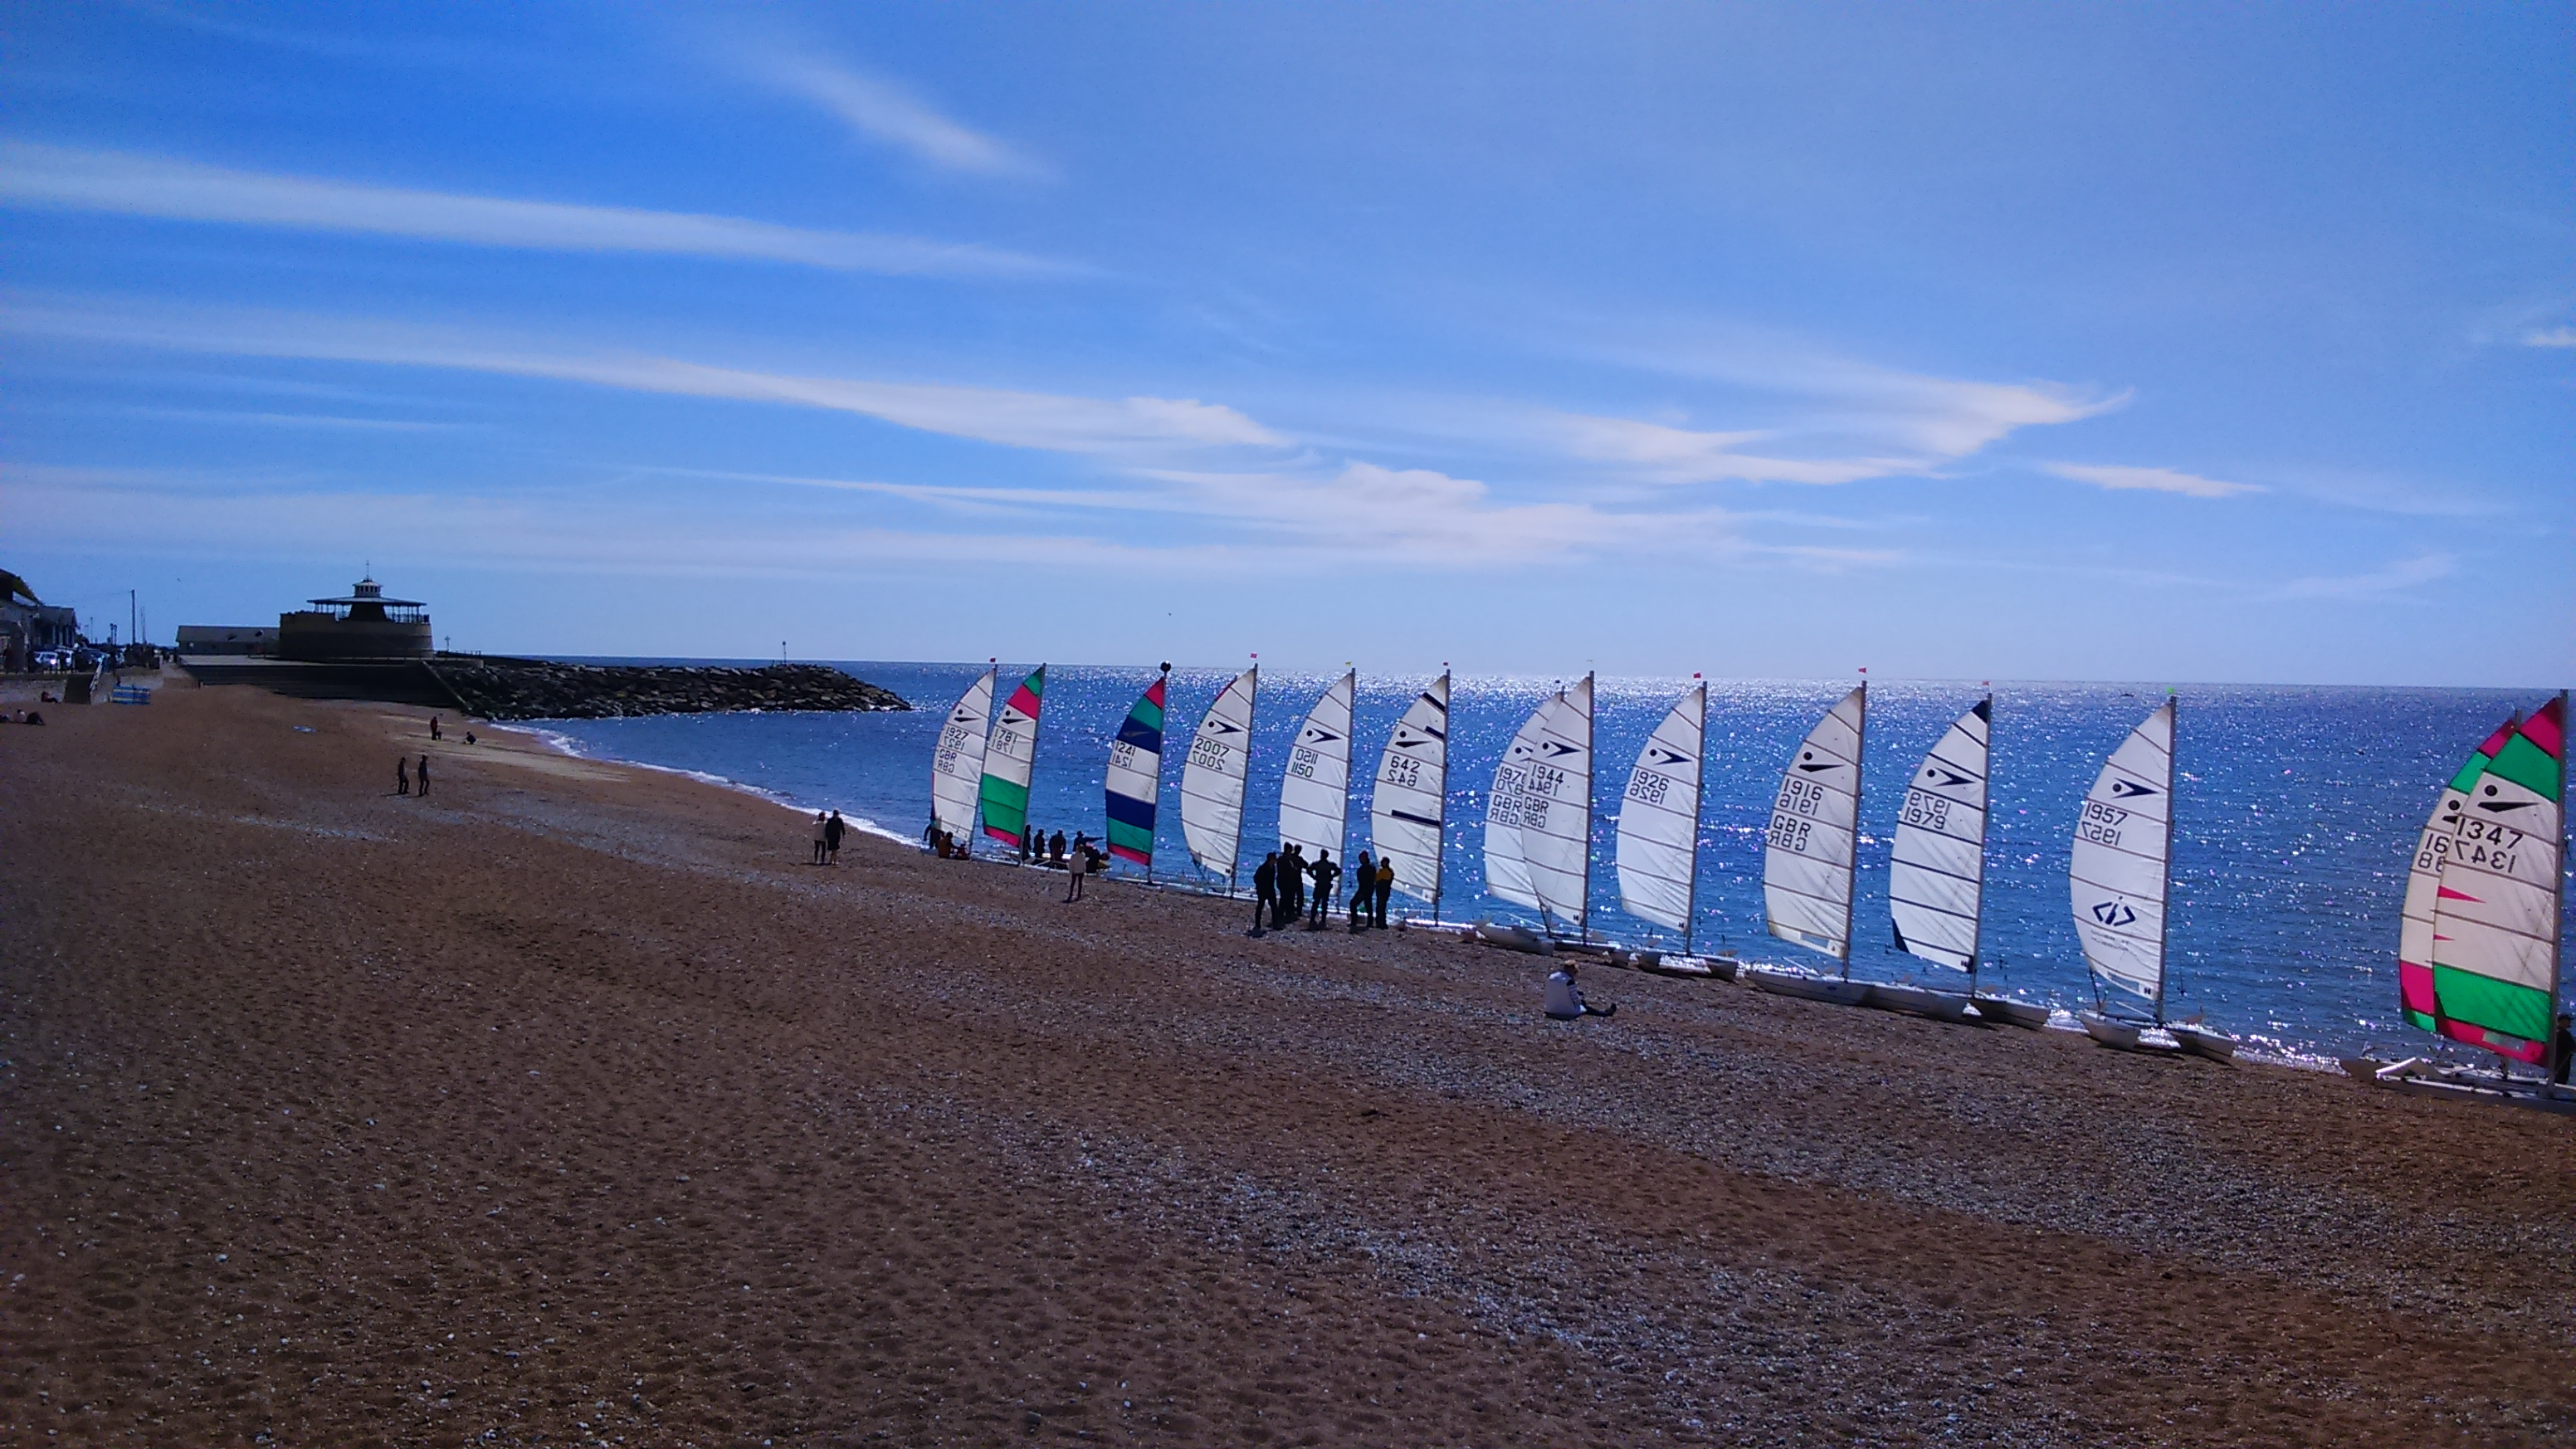 Ventnor Beach Boats